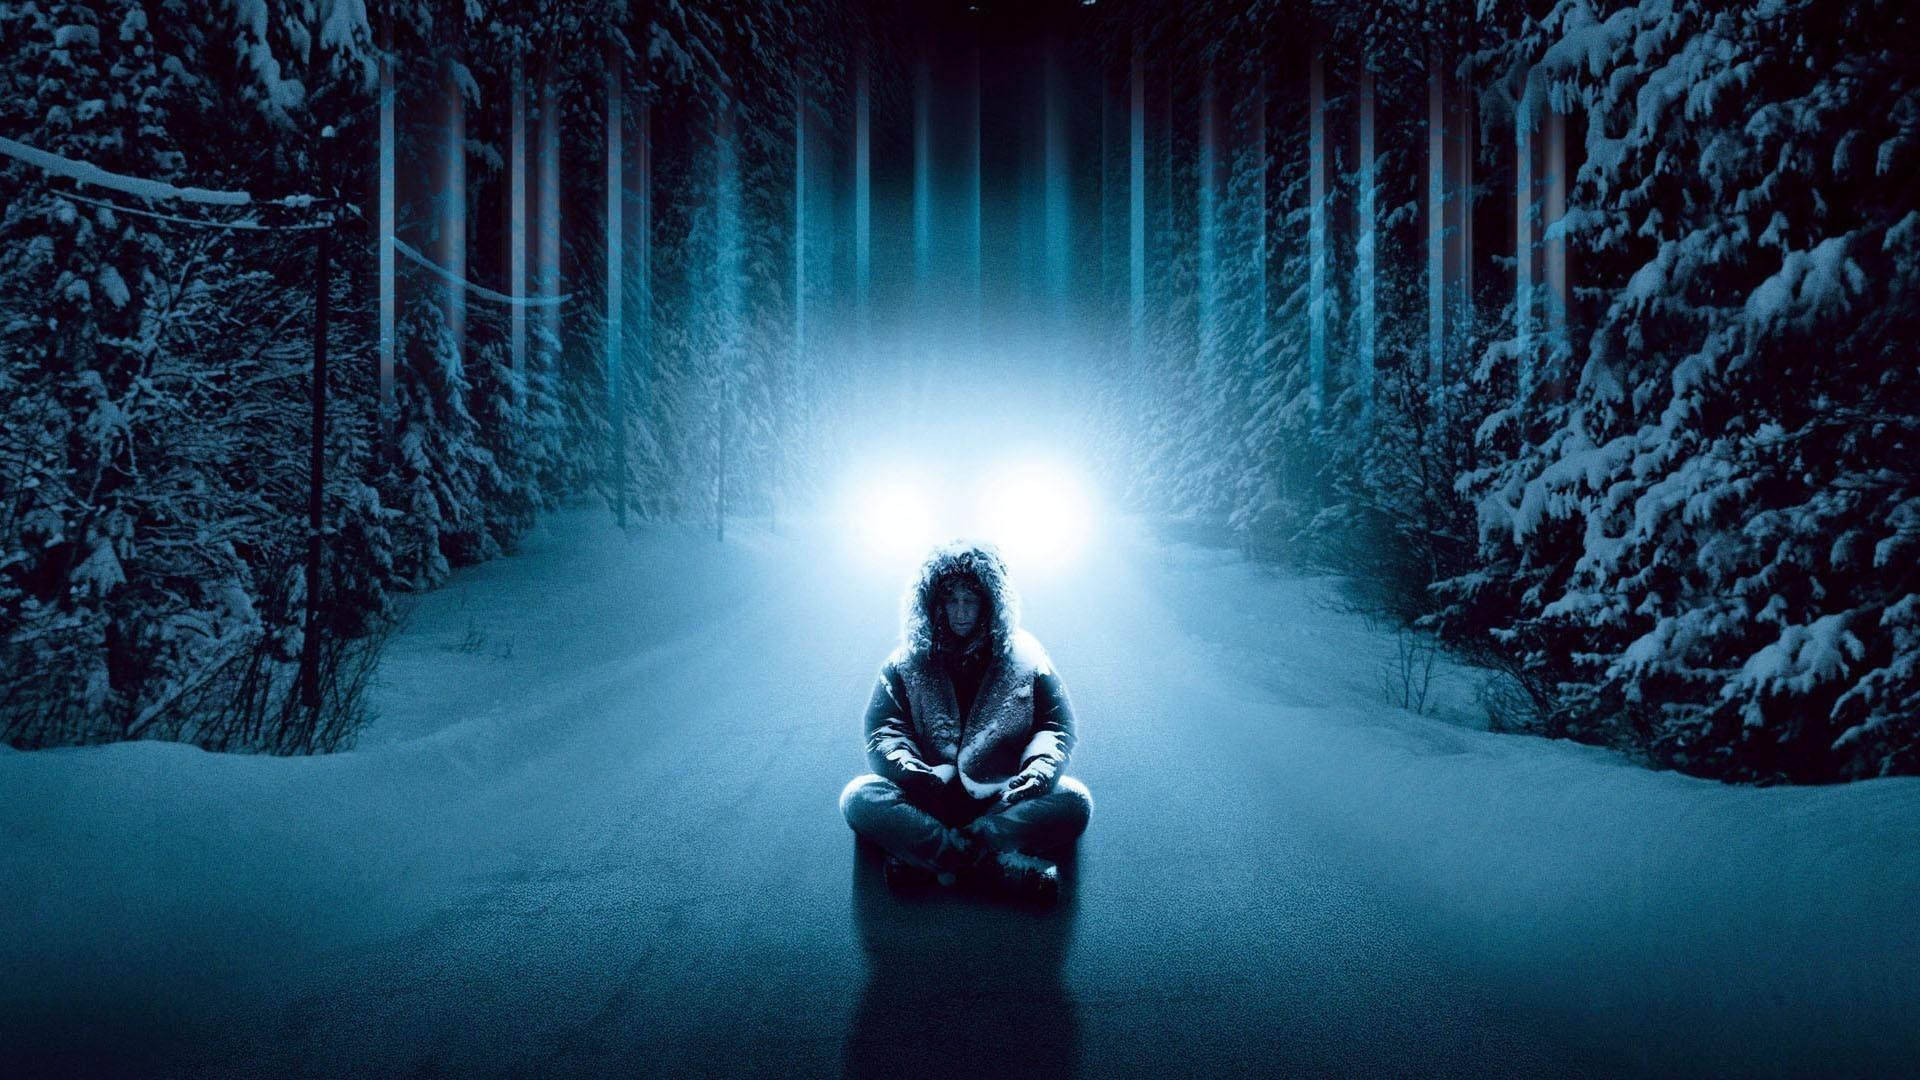 Wallpaper Dreamcatcher, Man, Light, Cold, Snow, Forest, Winter